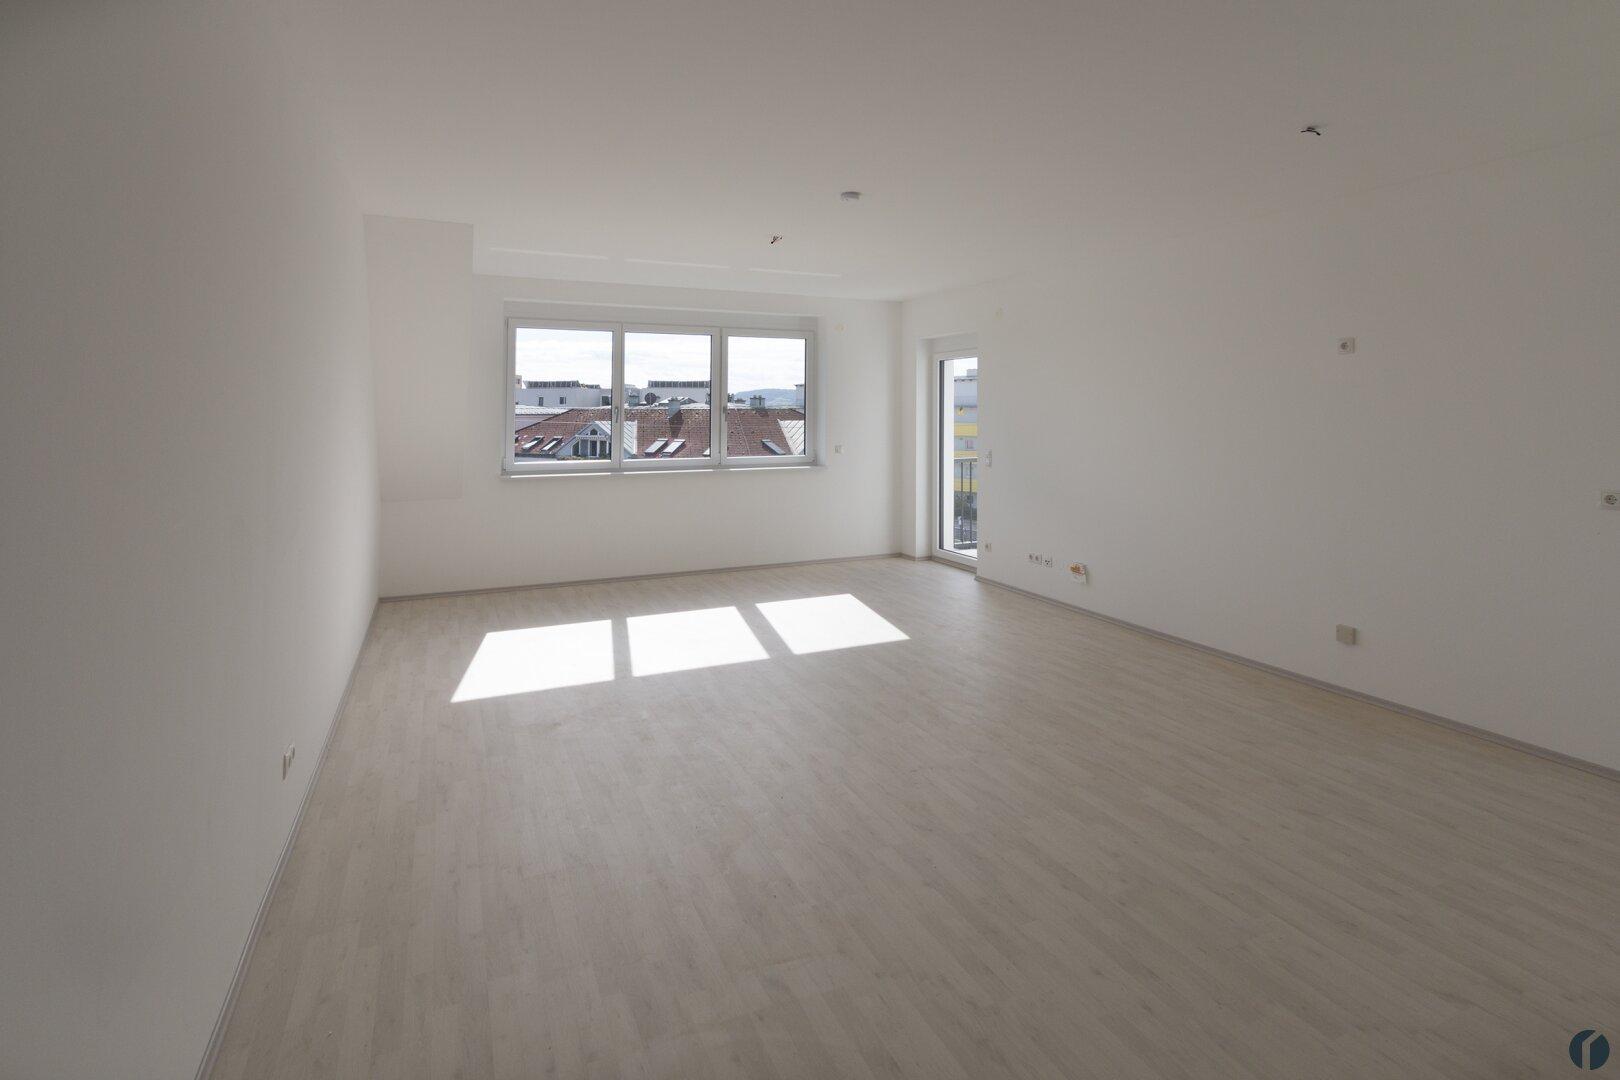 Wohnzimmer (zur Zeit der Aufnahme noch ohne Küche)